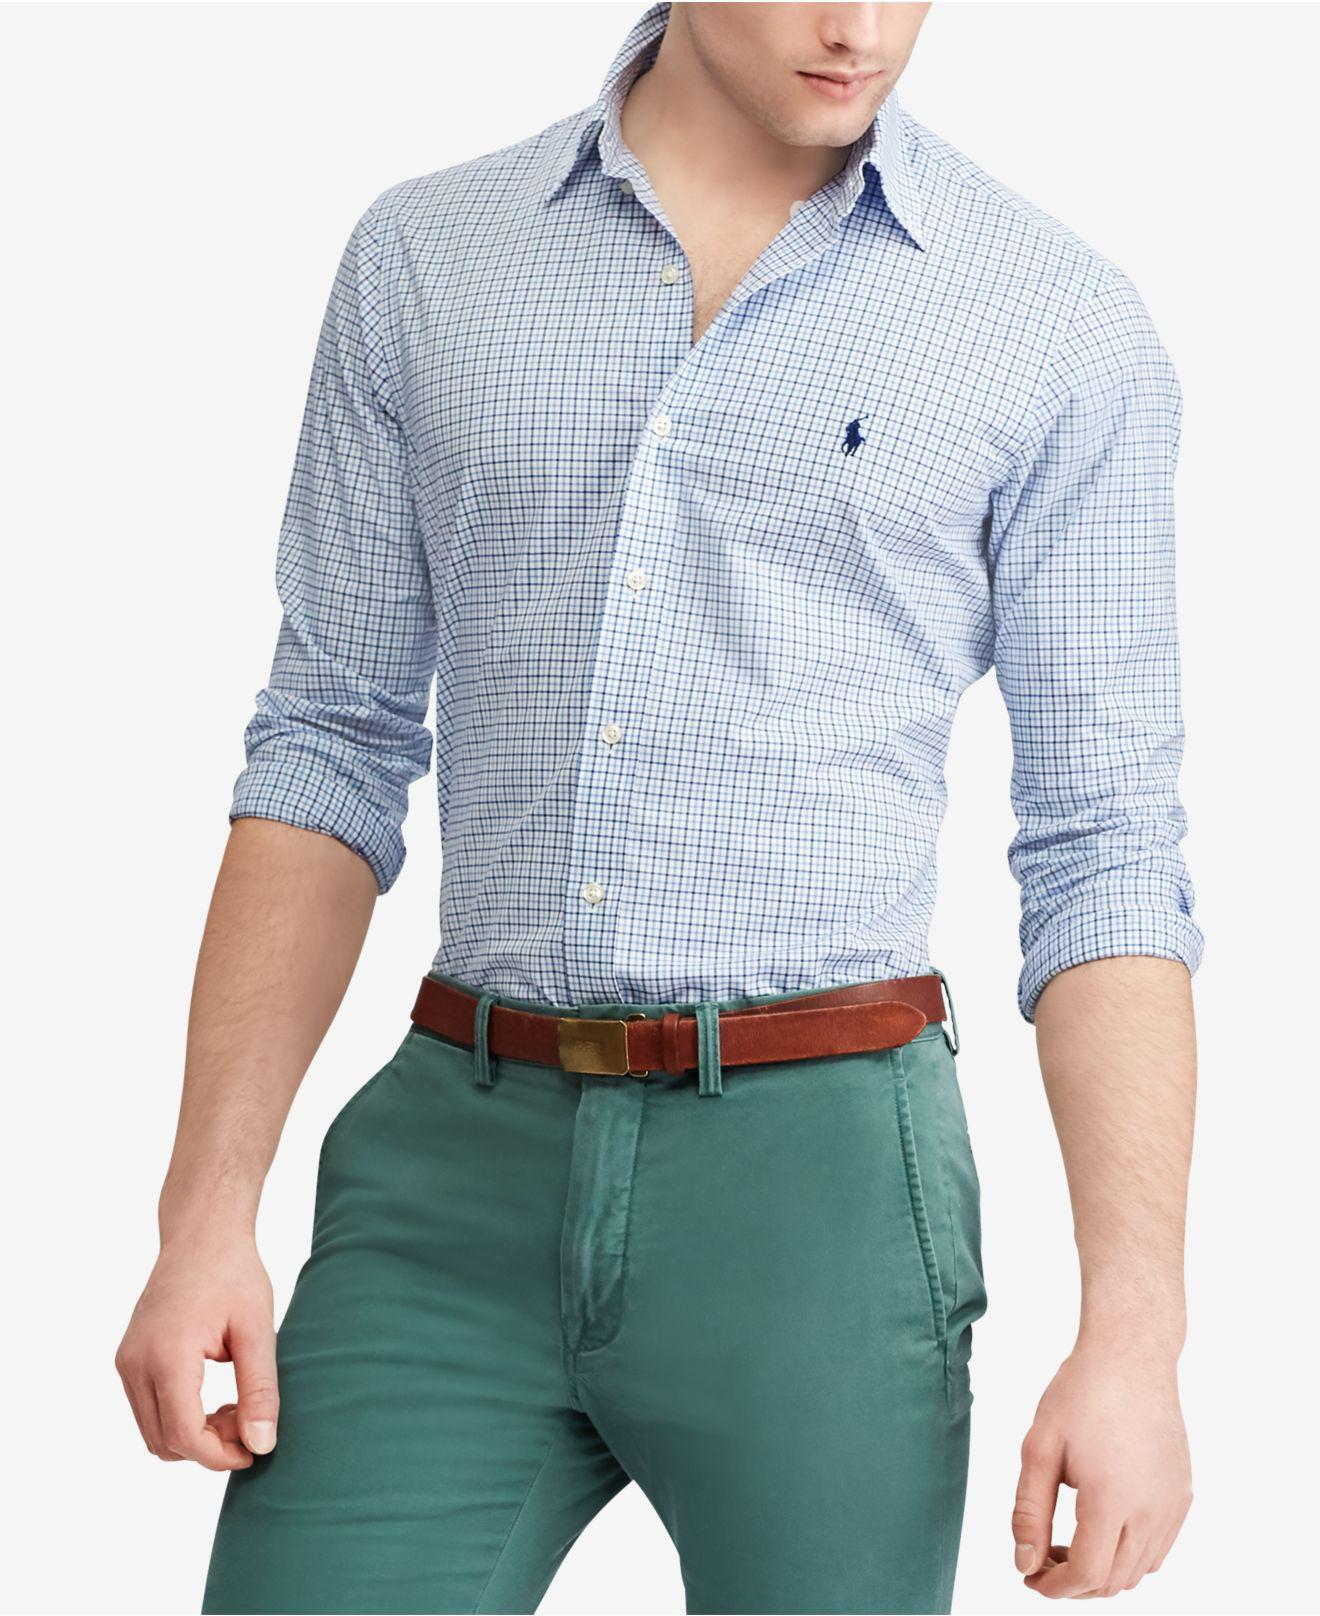 51d569c8d Lyst - Polo Ralph Lauren Slim Fit Plaid Shirt in Blue for Men